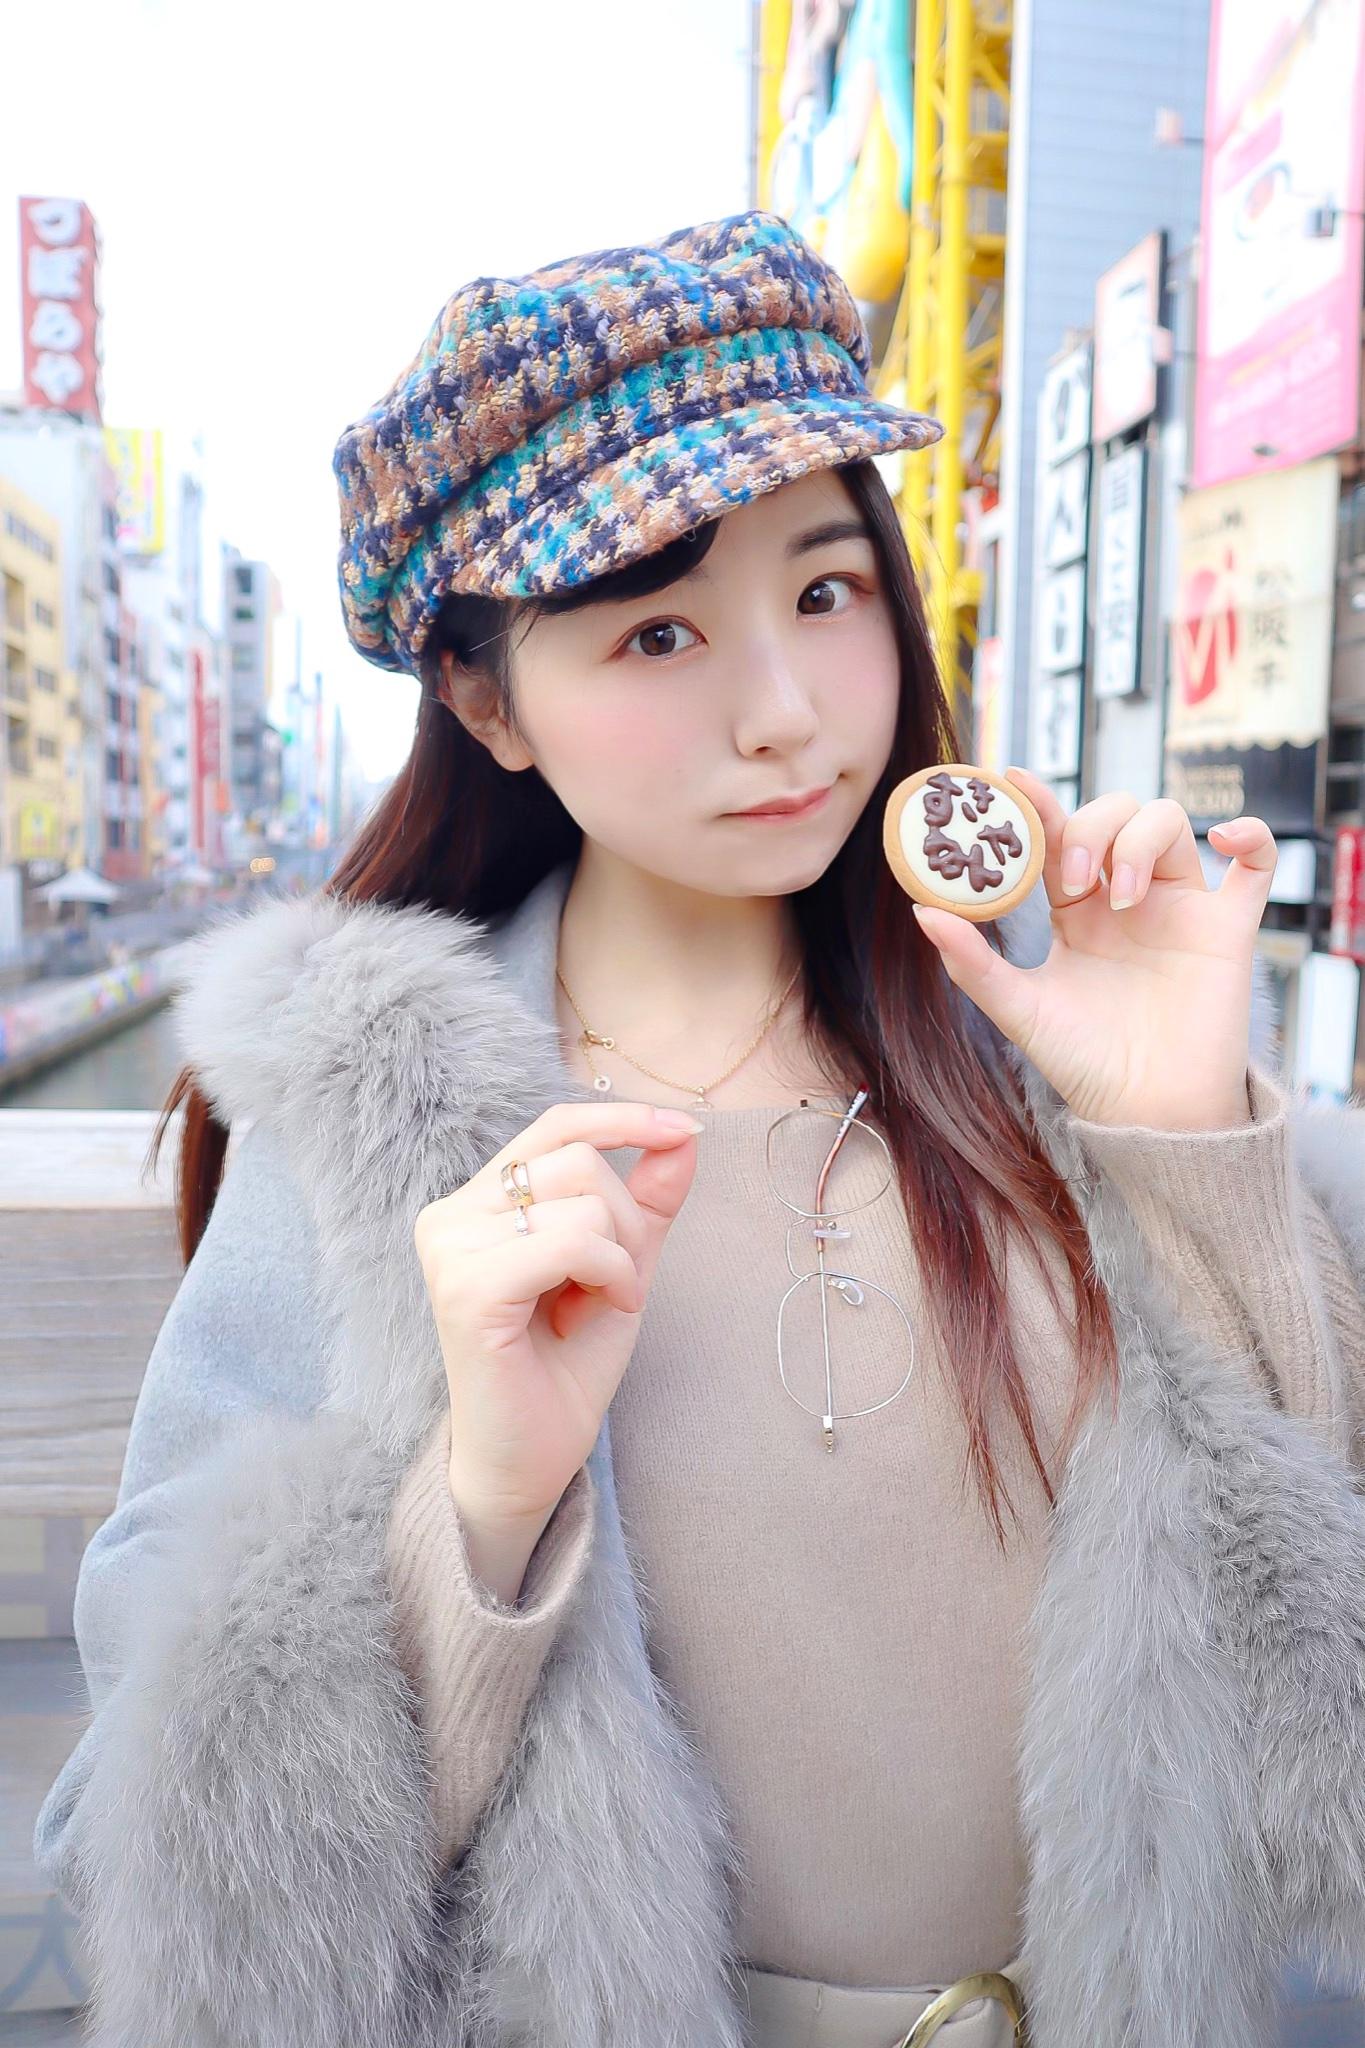 kurita__emi 1200719487680401408_p2